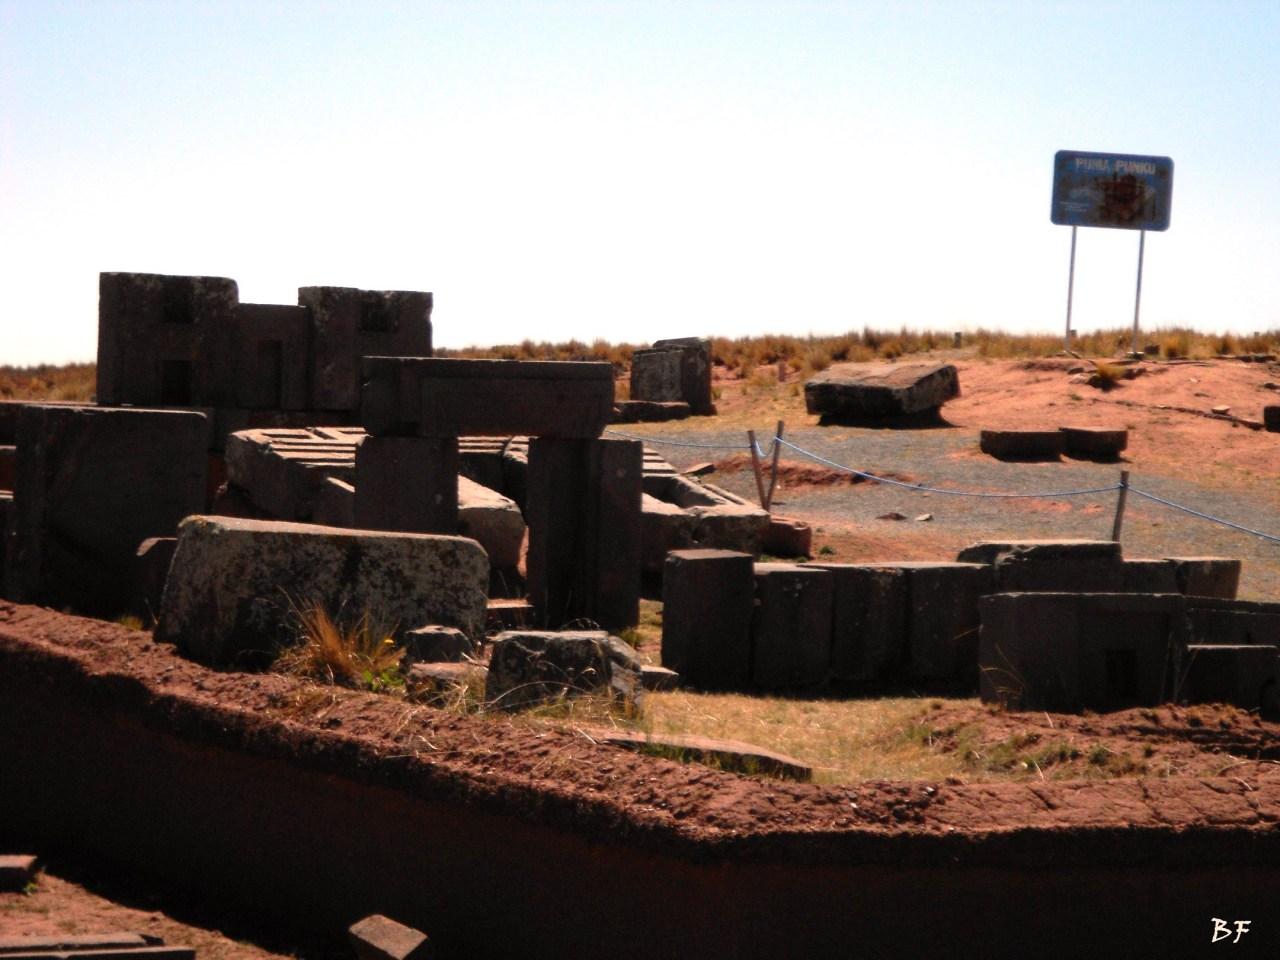 Puma-Punku-Area-Megalitica-Mura-Poligonali-Megaliti-Tiwanaku-Tiahuanaco-Bolivia-56